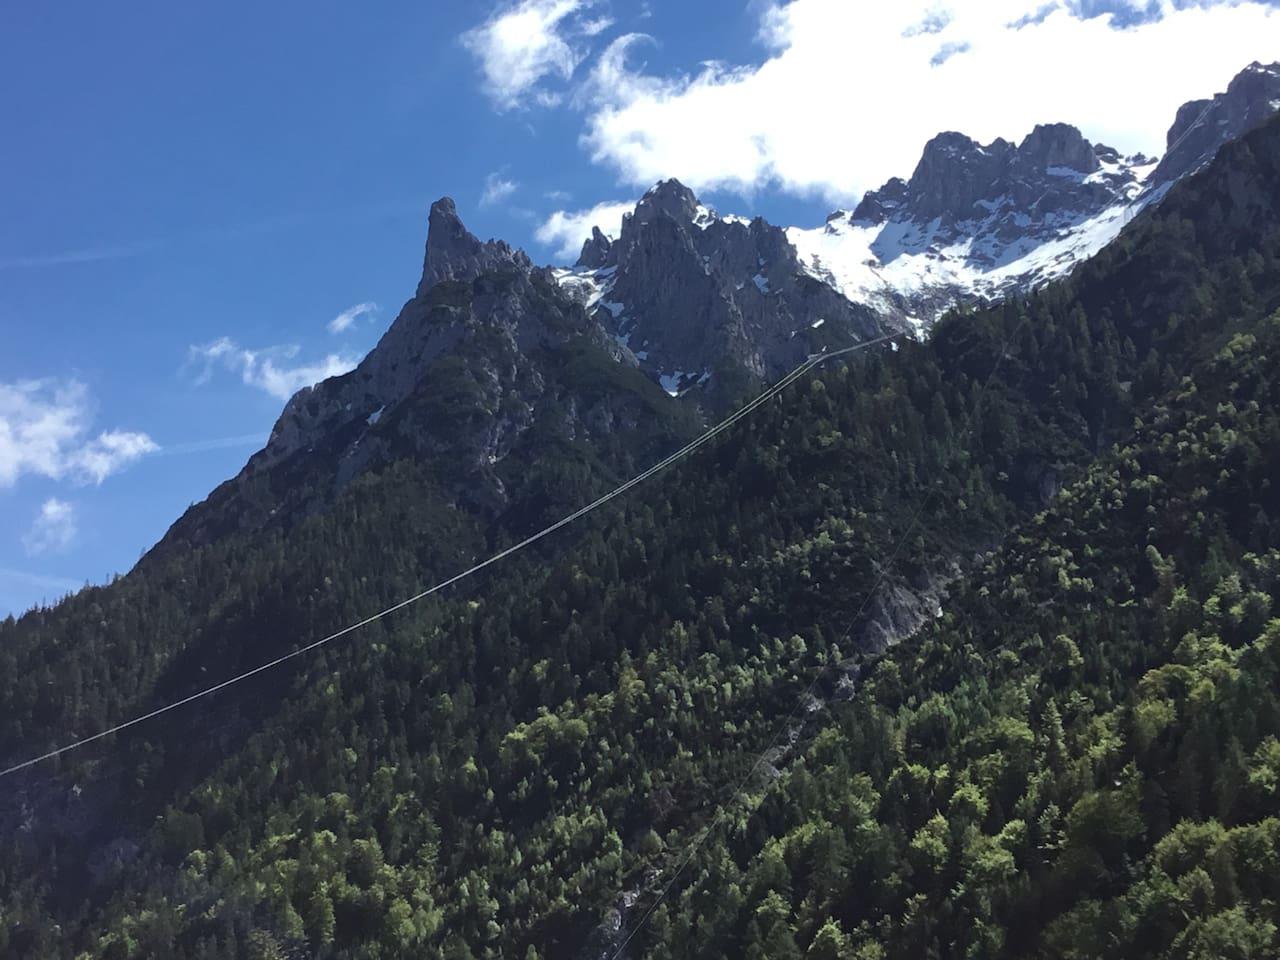 Ferienhaushälfte 4erspitzblick bergblick zur Viererspitze und karwendel